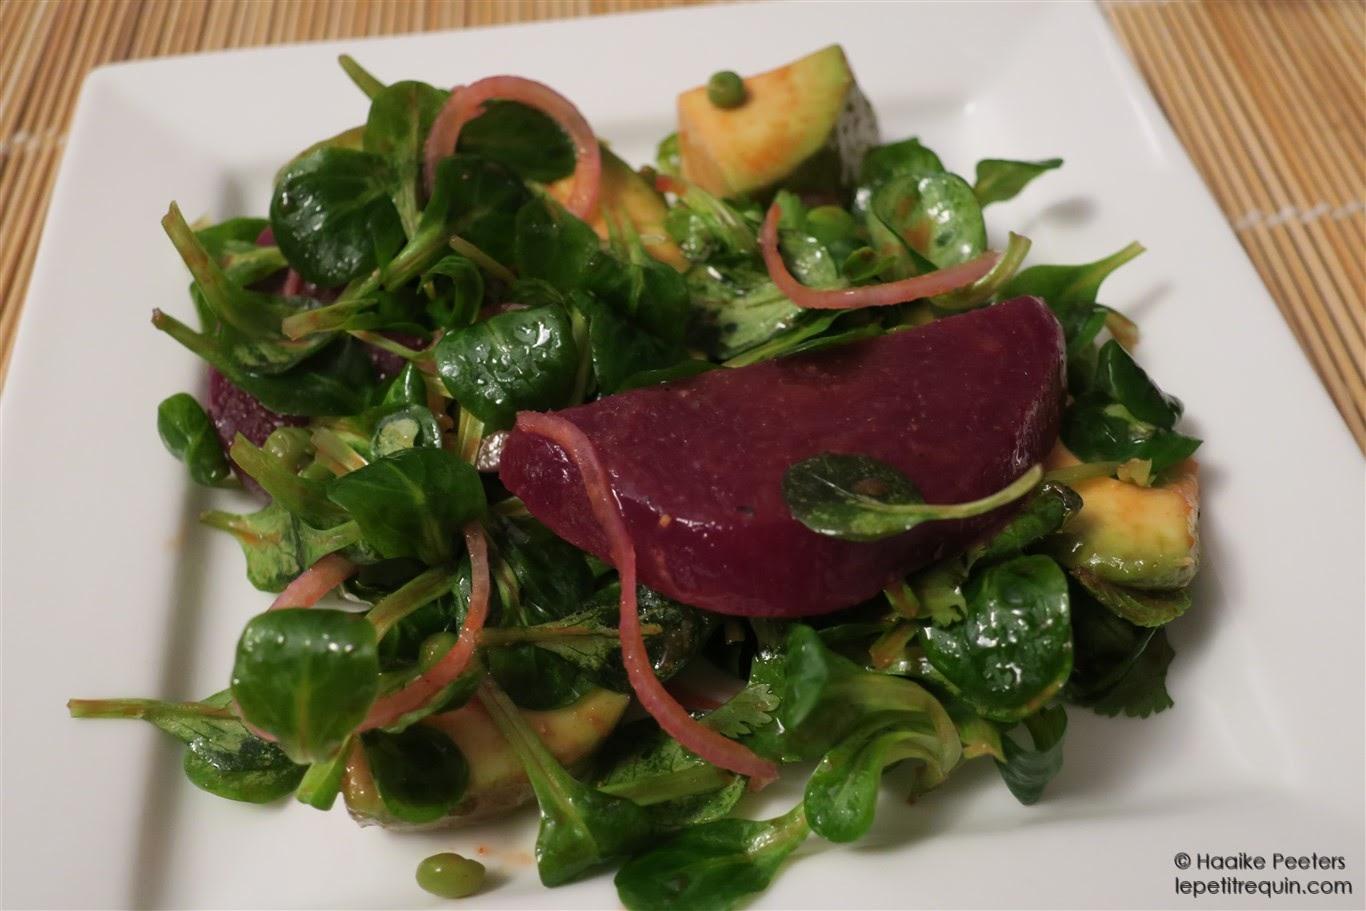 Salade met avocado, rode biet en erwtjes (Le petit requin)